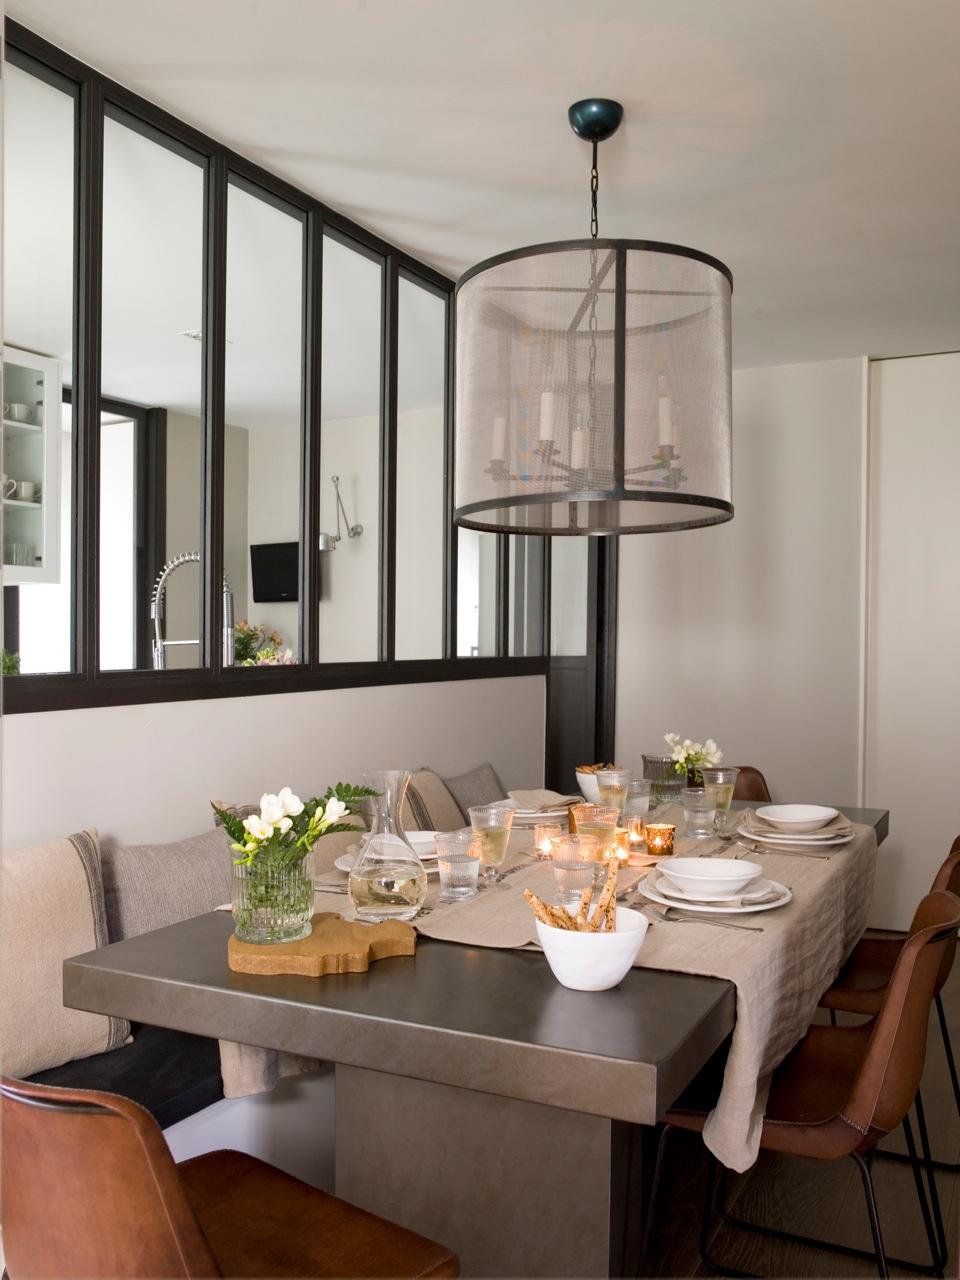 adelaparvu.com despre reamenajare apartament de doua camere, design interior Jeanette Trensig (10)